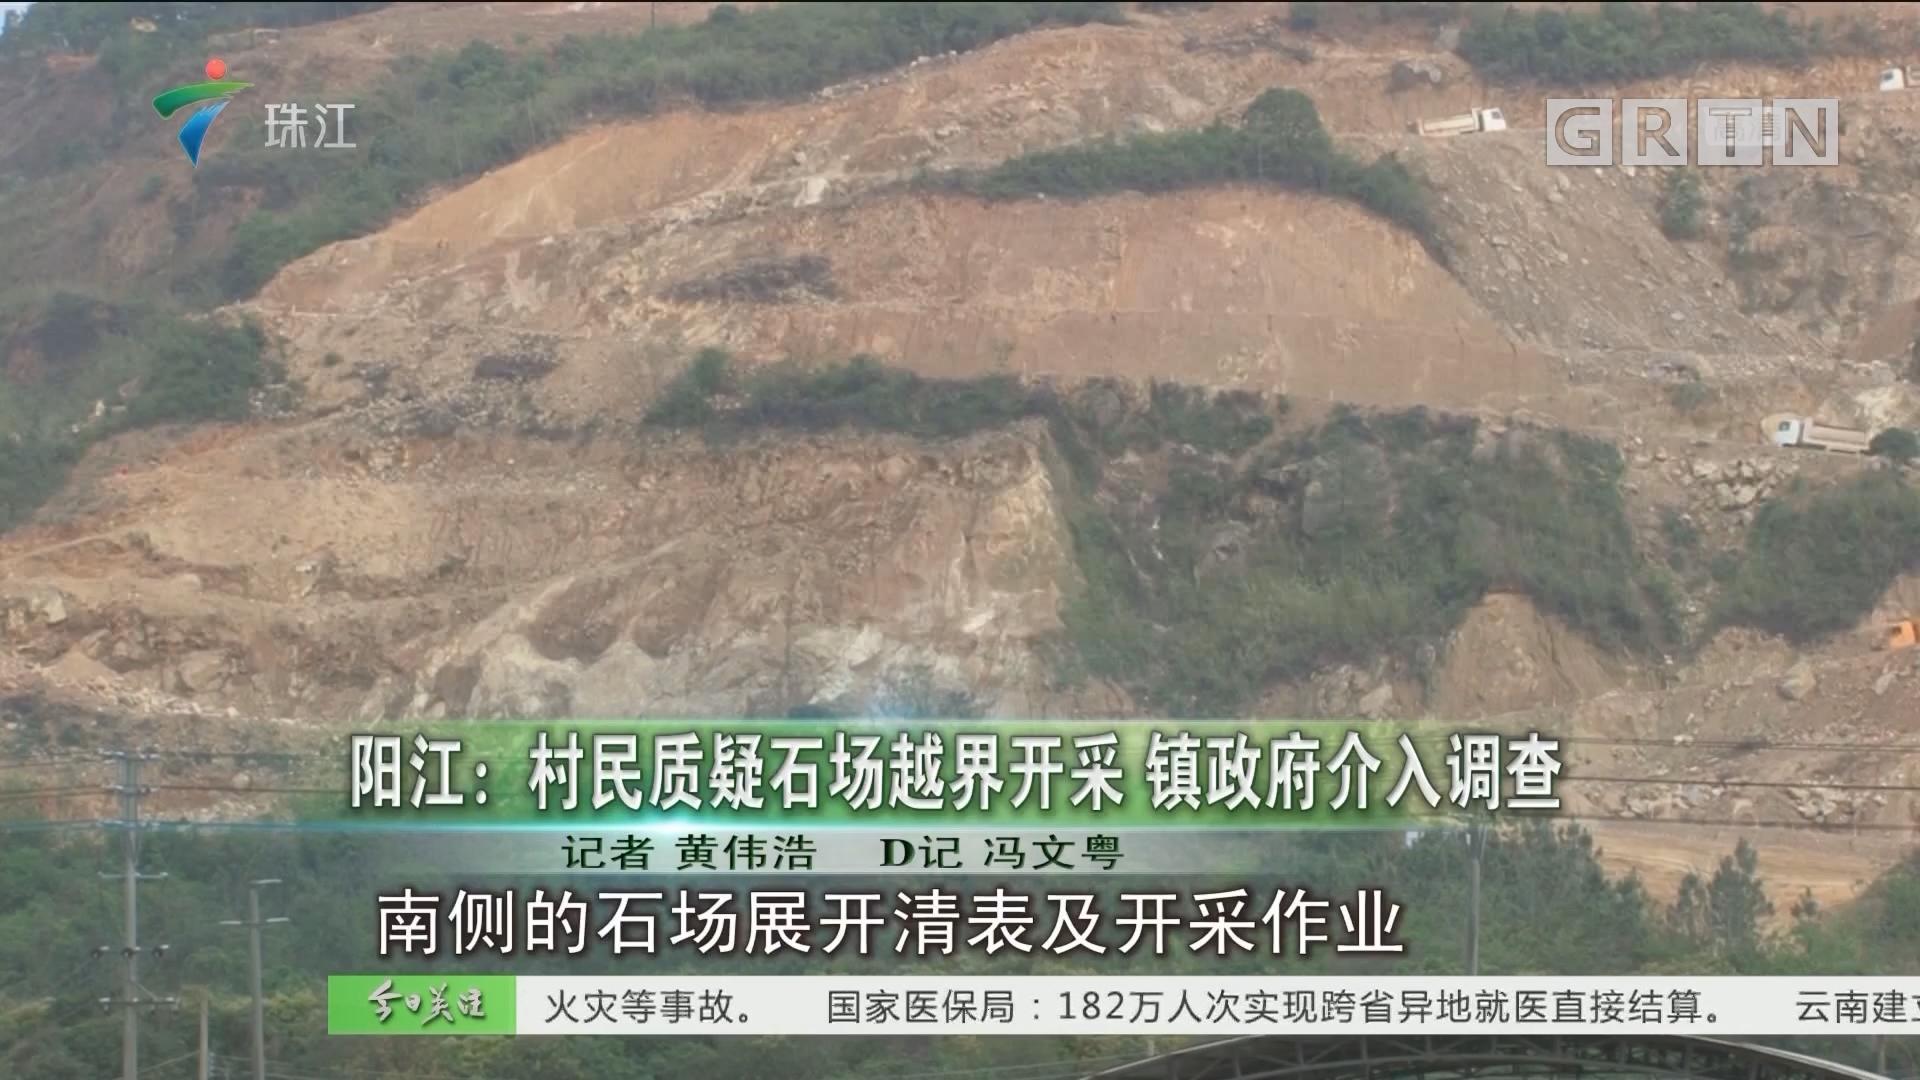 阳江:村民质疑石场越界开采 镇政府介入调查